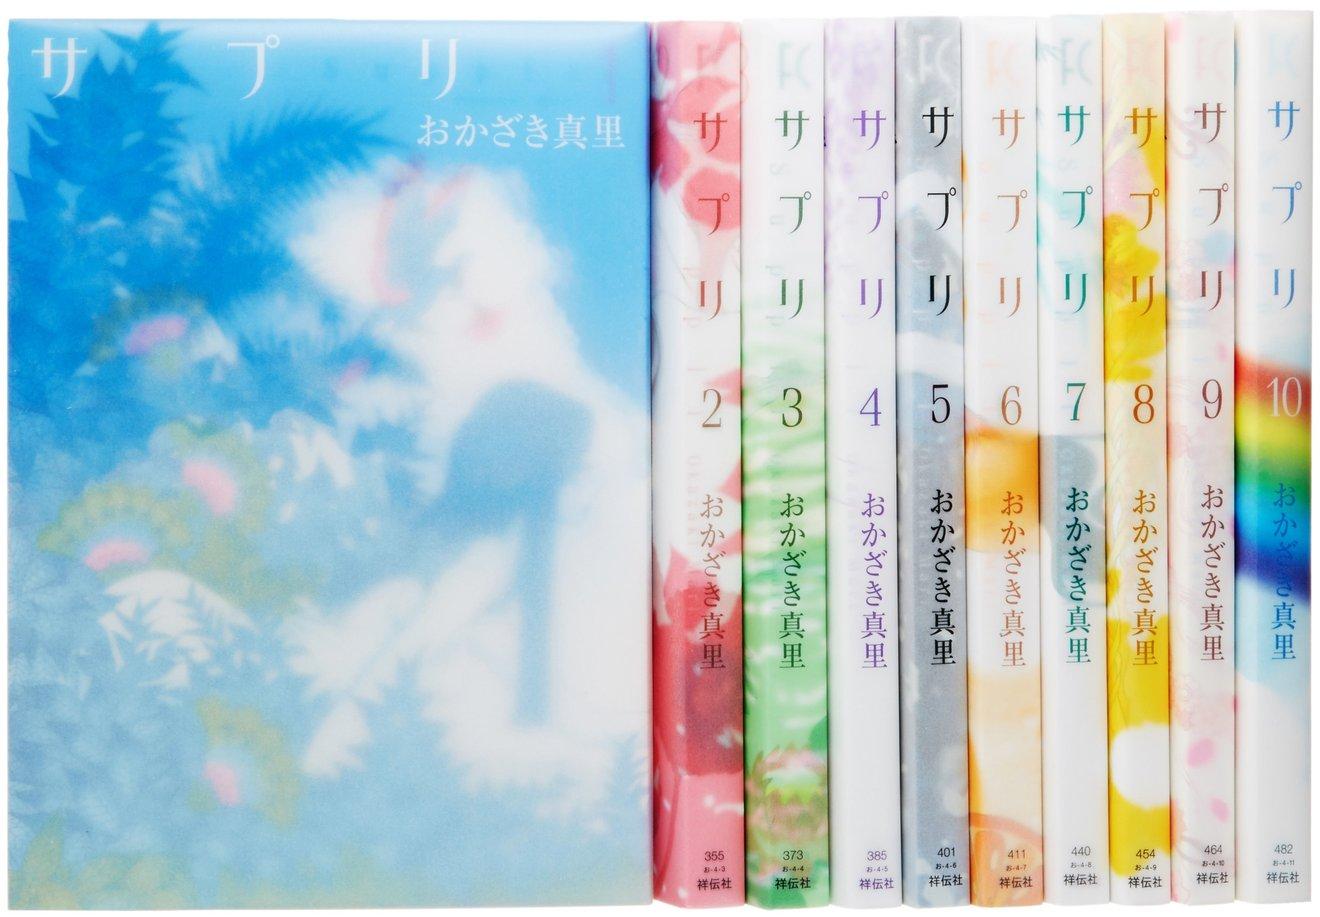 おかざき真里の漫画『サプリ』が無料!オトナ女子を優しく癒す名言の数々